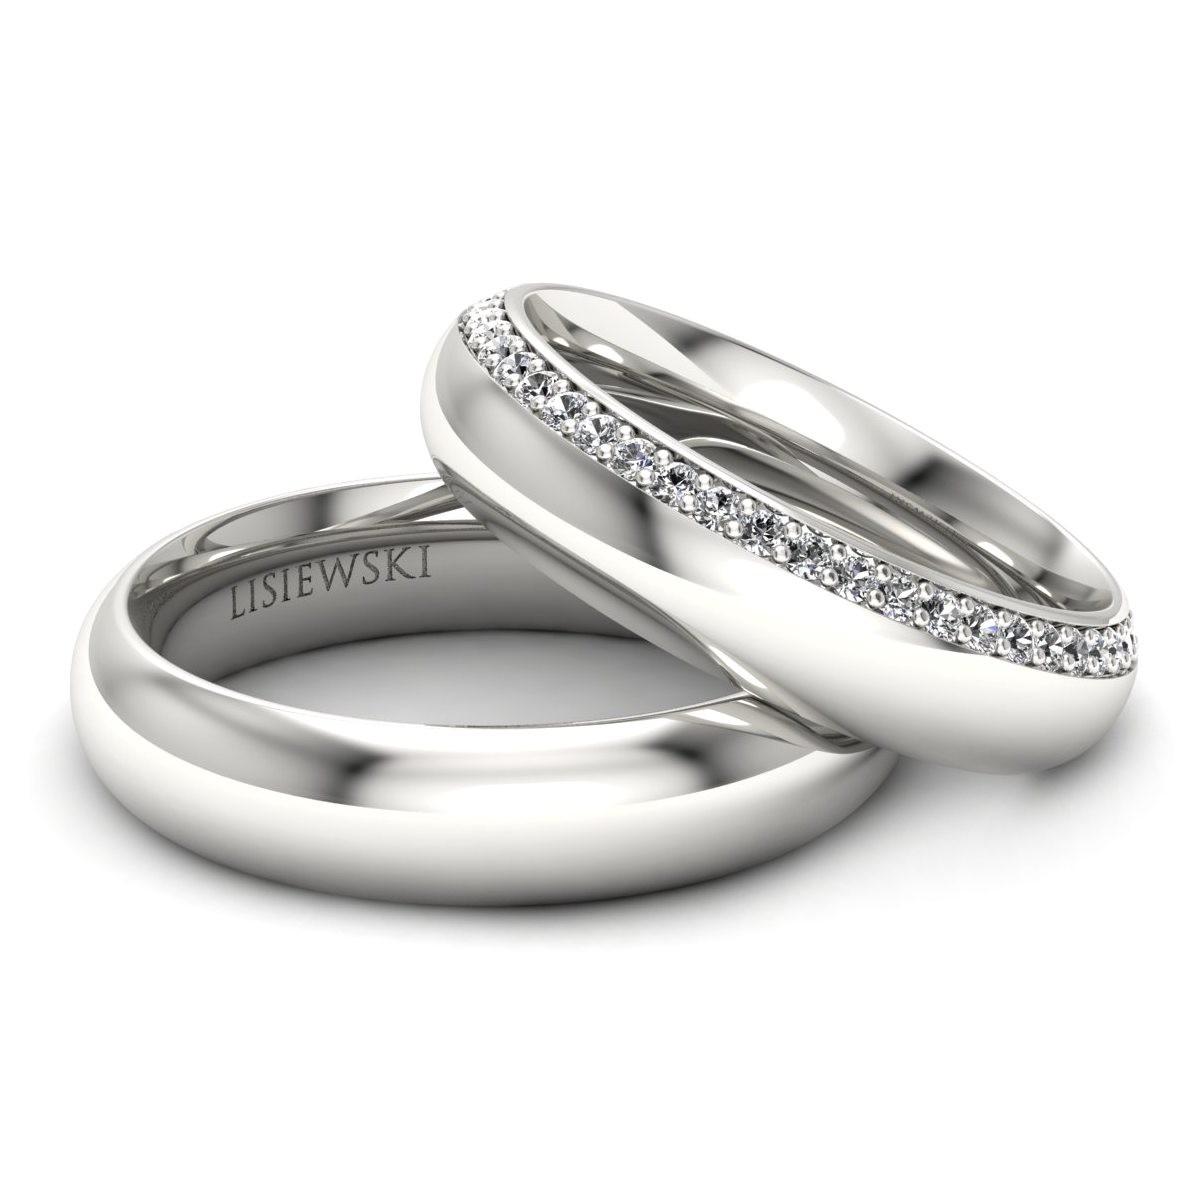 Louvre - Platynowe obrączki ślubne z diamentami